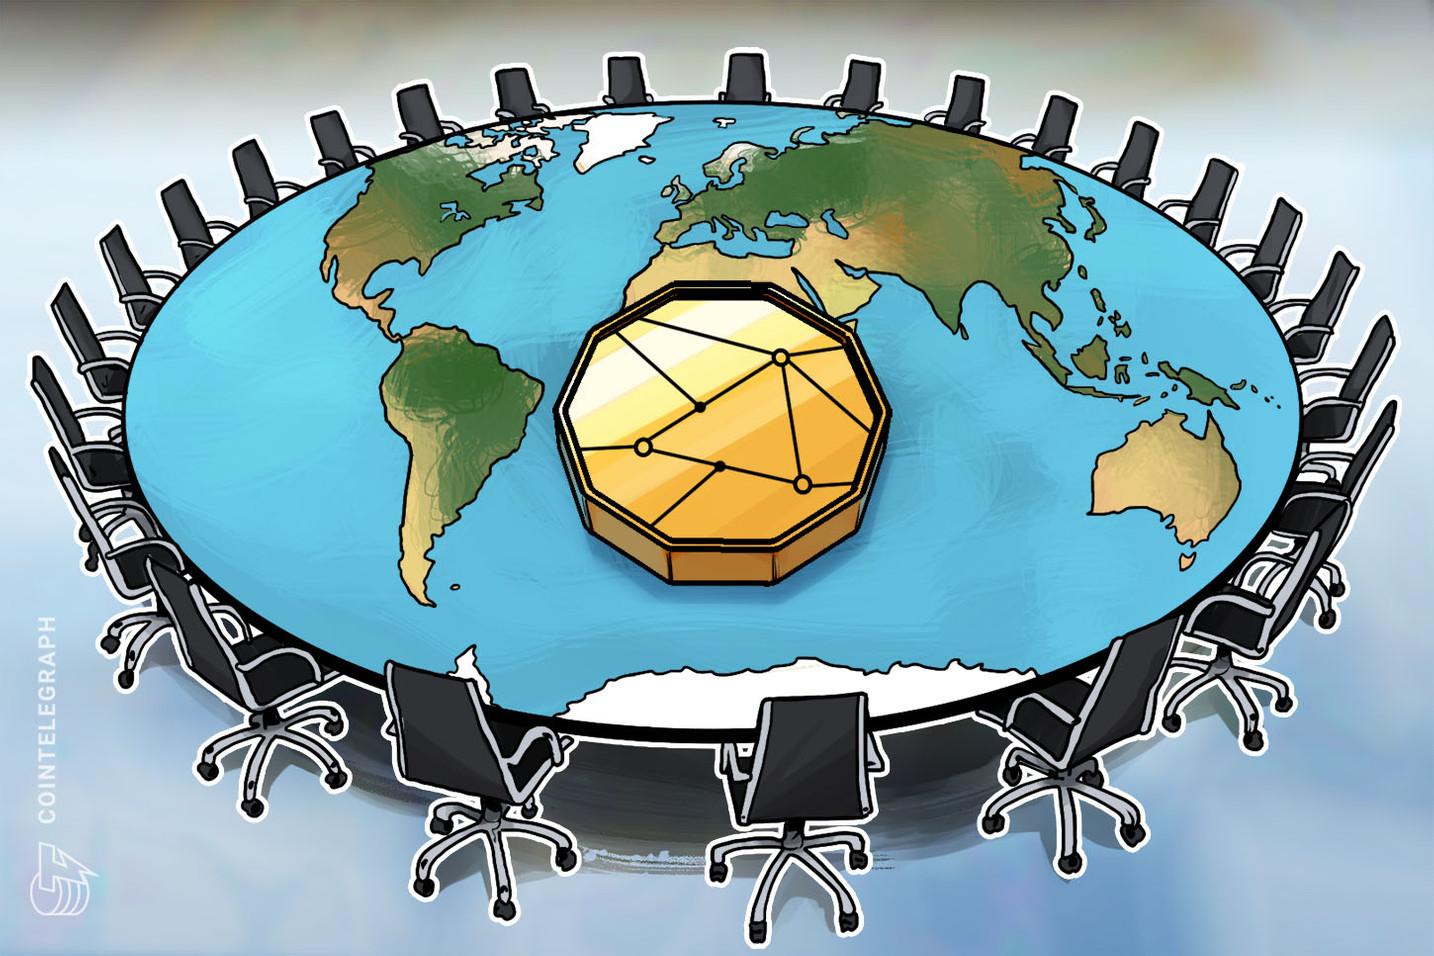 Oficial surcoreano propone una mayor cooperación para la regulación mundial de la criptomoneda